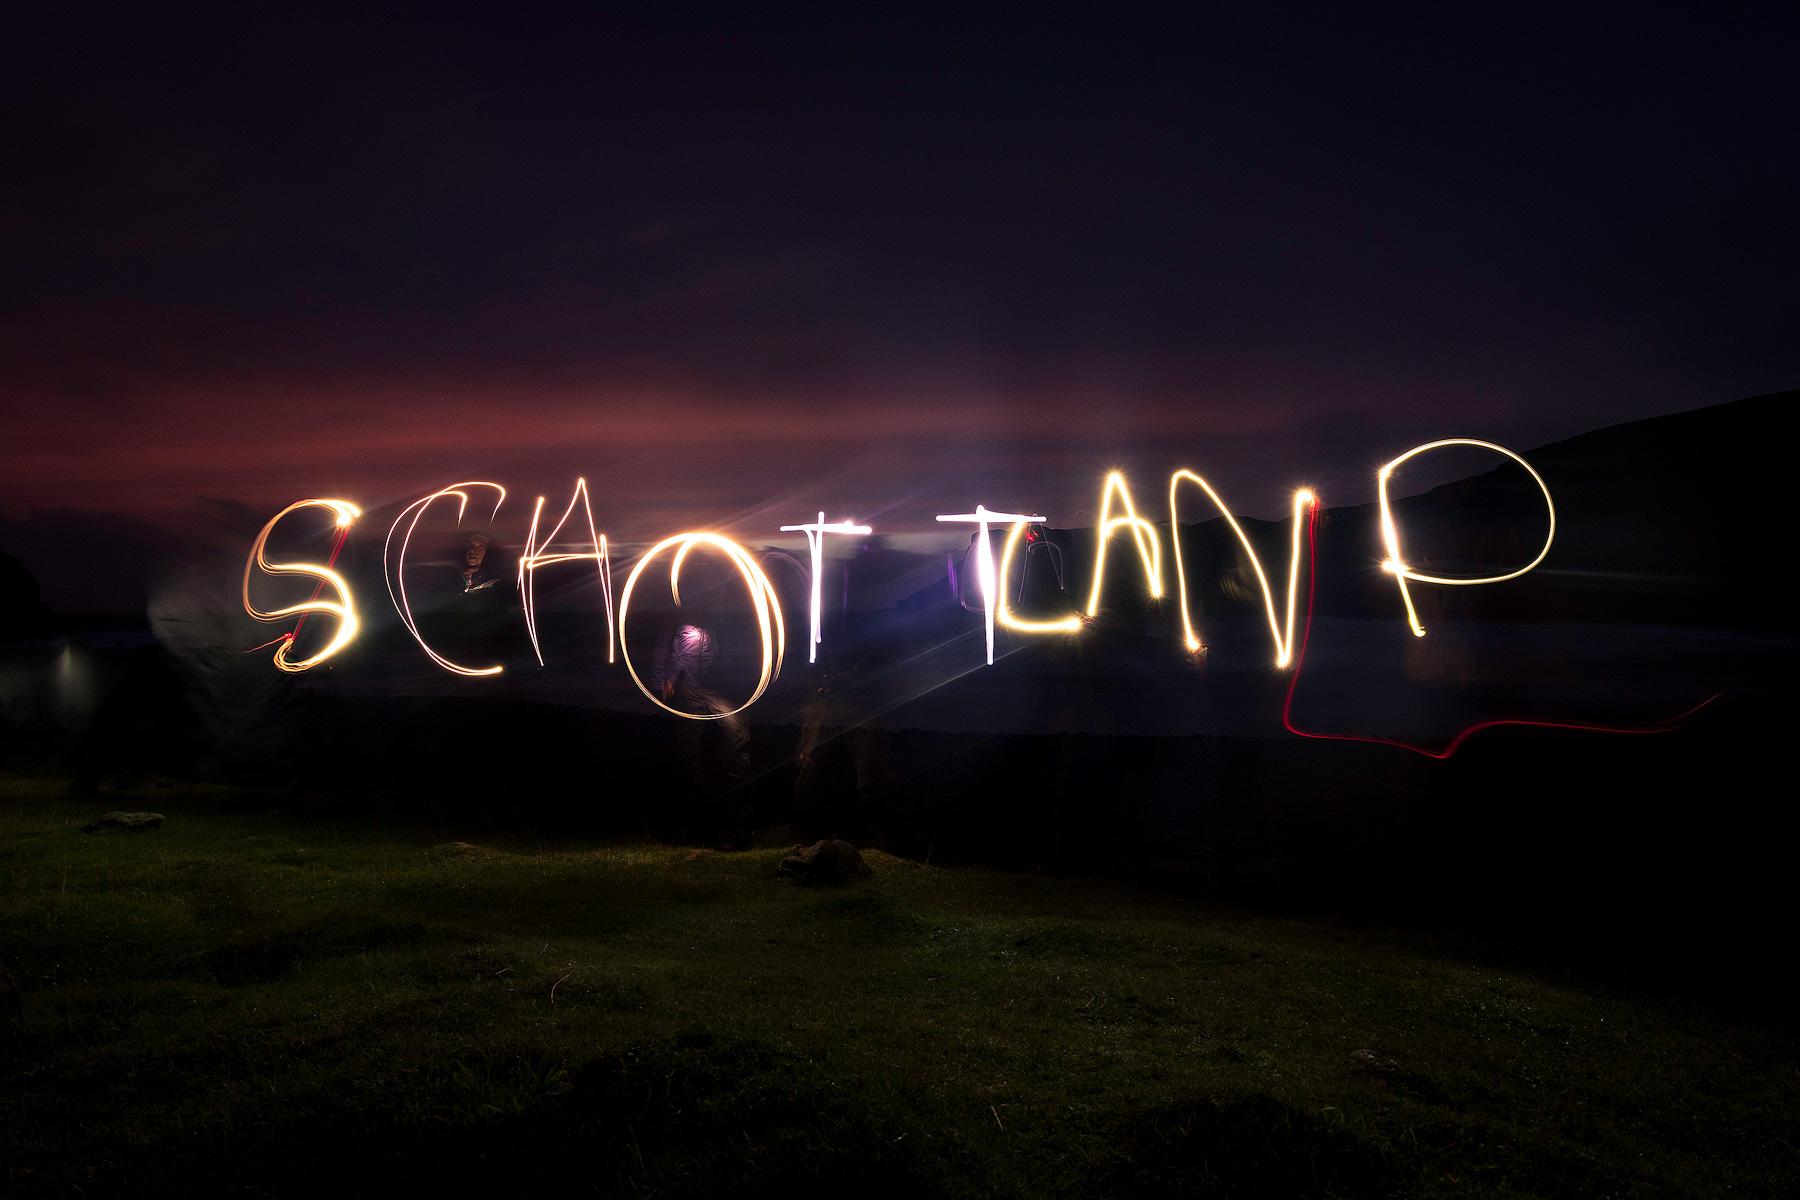 Jaworskyj Fotoreise, Lukas Voegelin, Schottland, Isle of Skye, Lightpainting